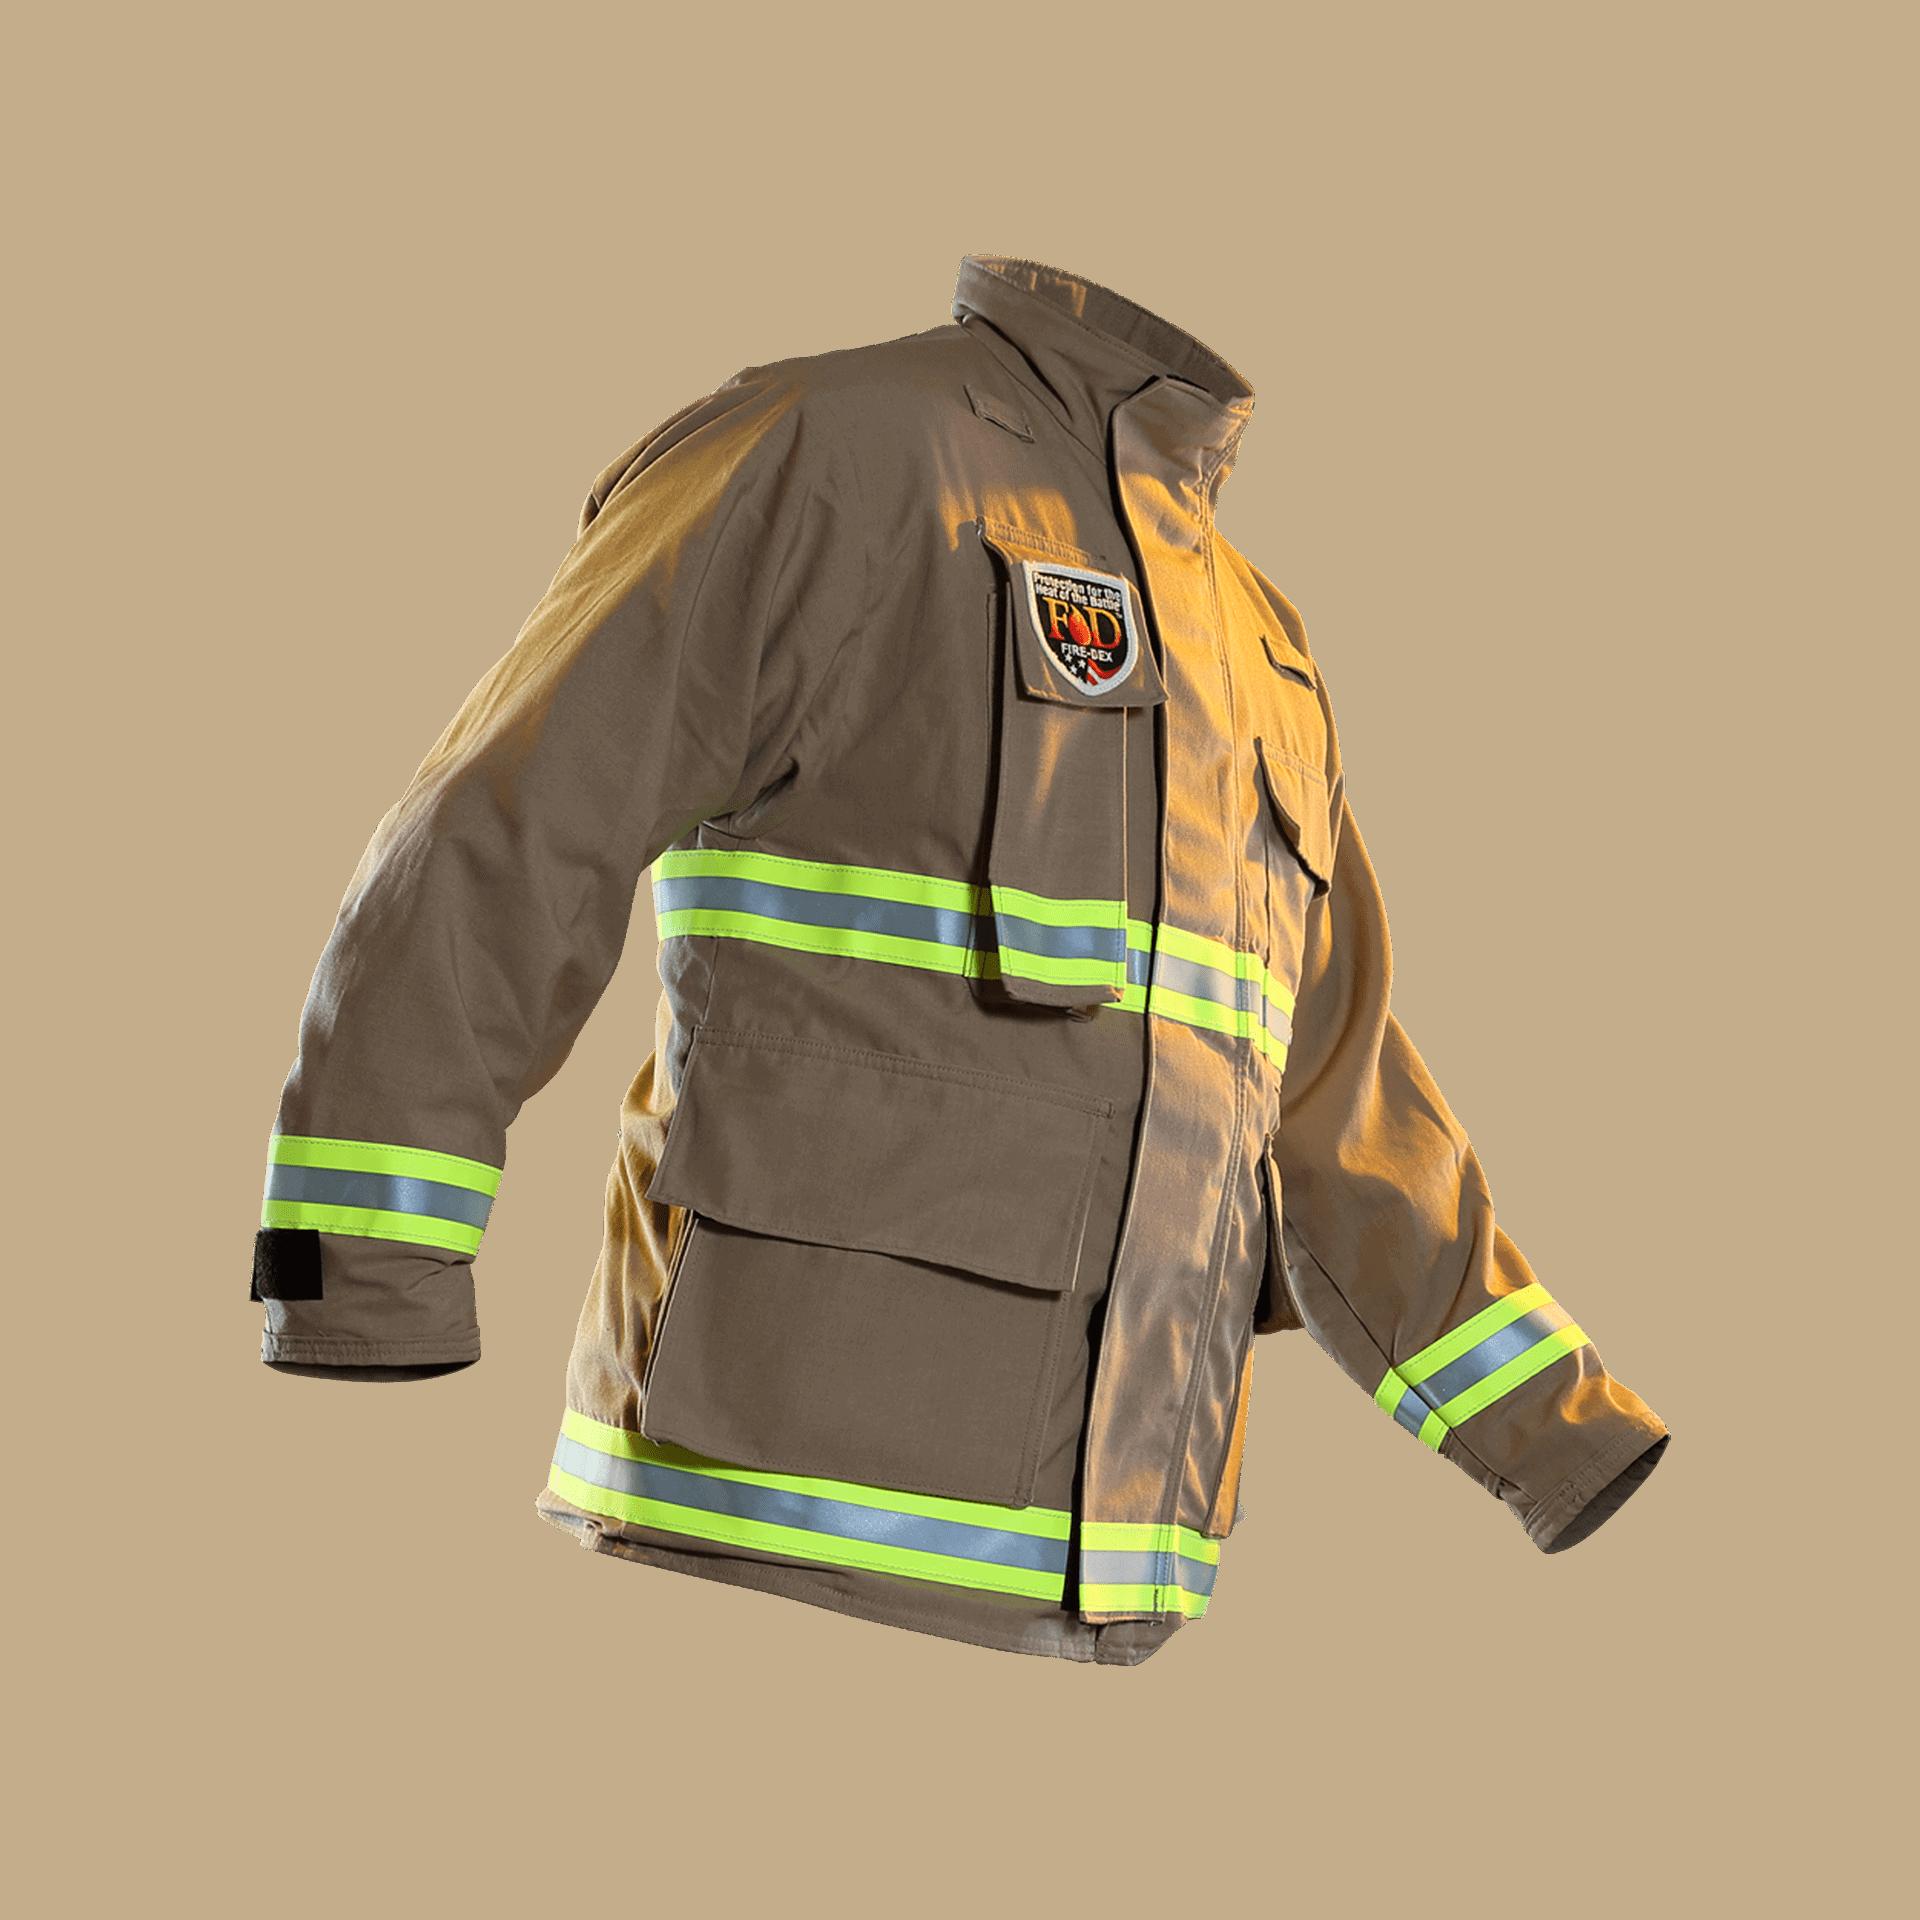 USAR tan Jacket